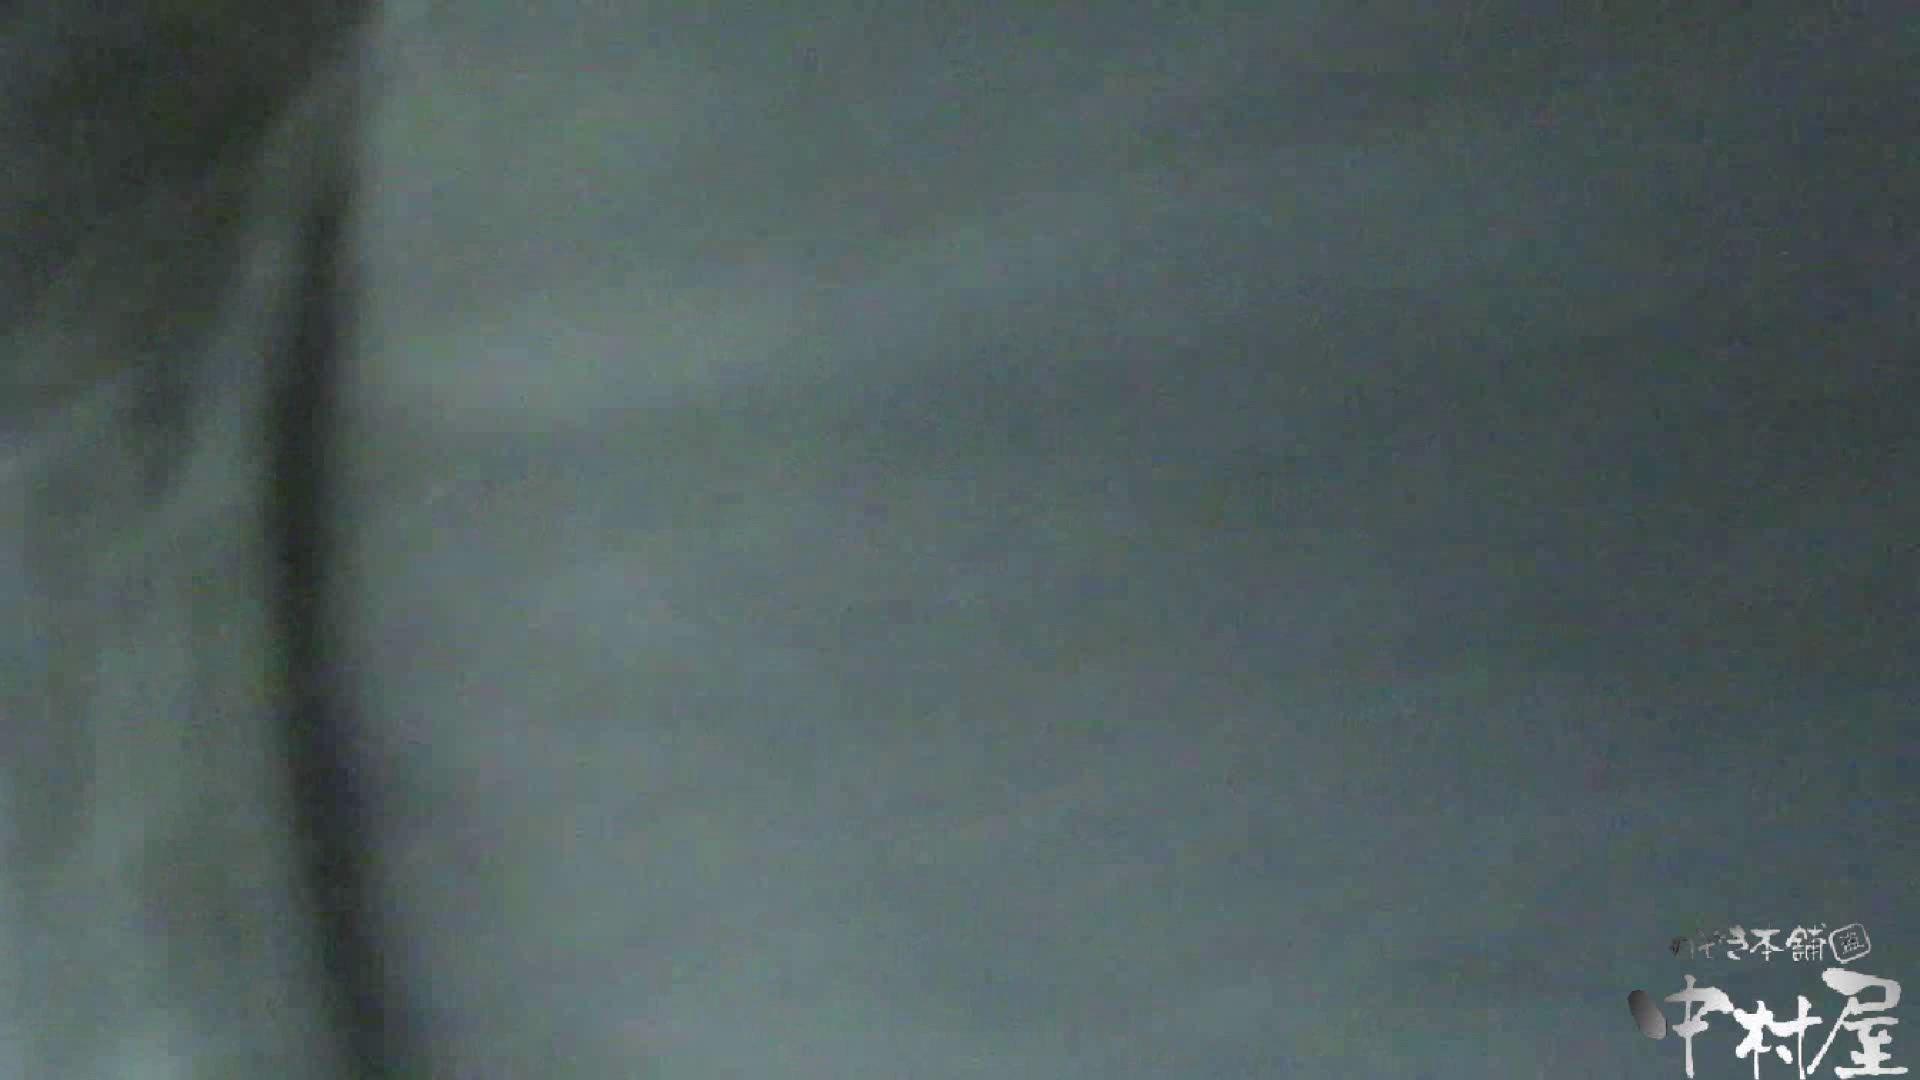 魂のかわや盗撮62連発! 丁寧にオシリをフキフキ! 38発目! 黄金水 | 盗撮特集  95画像 64